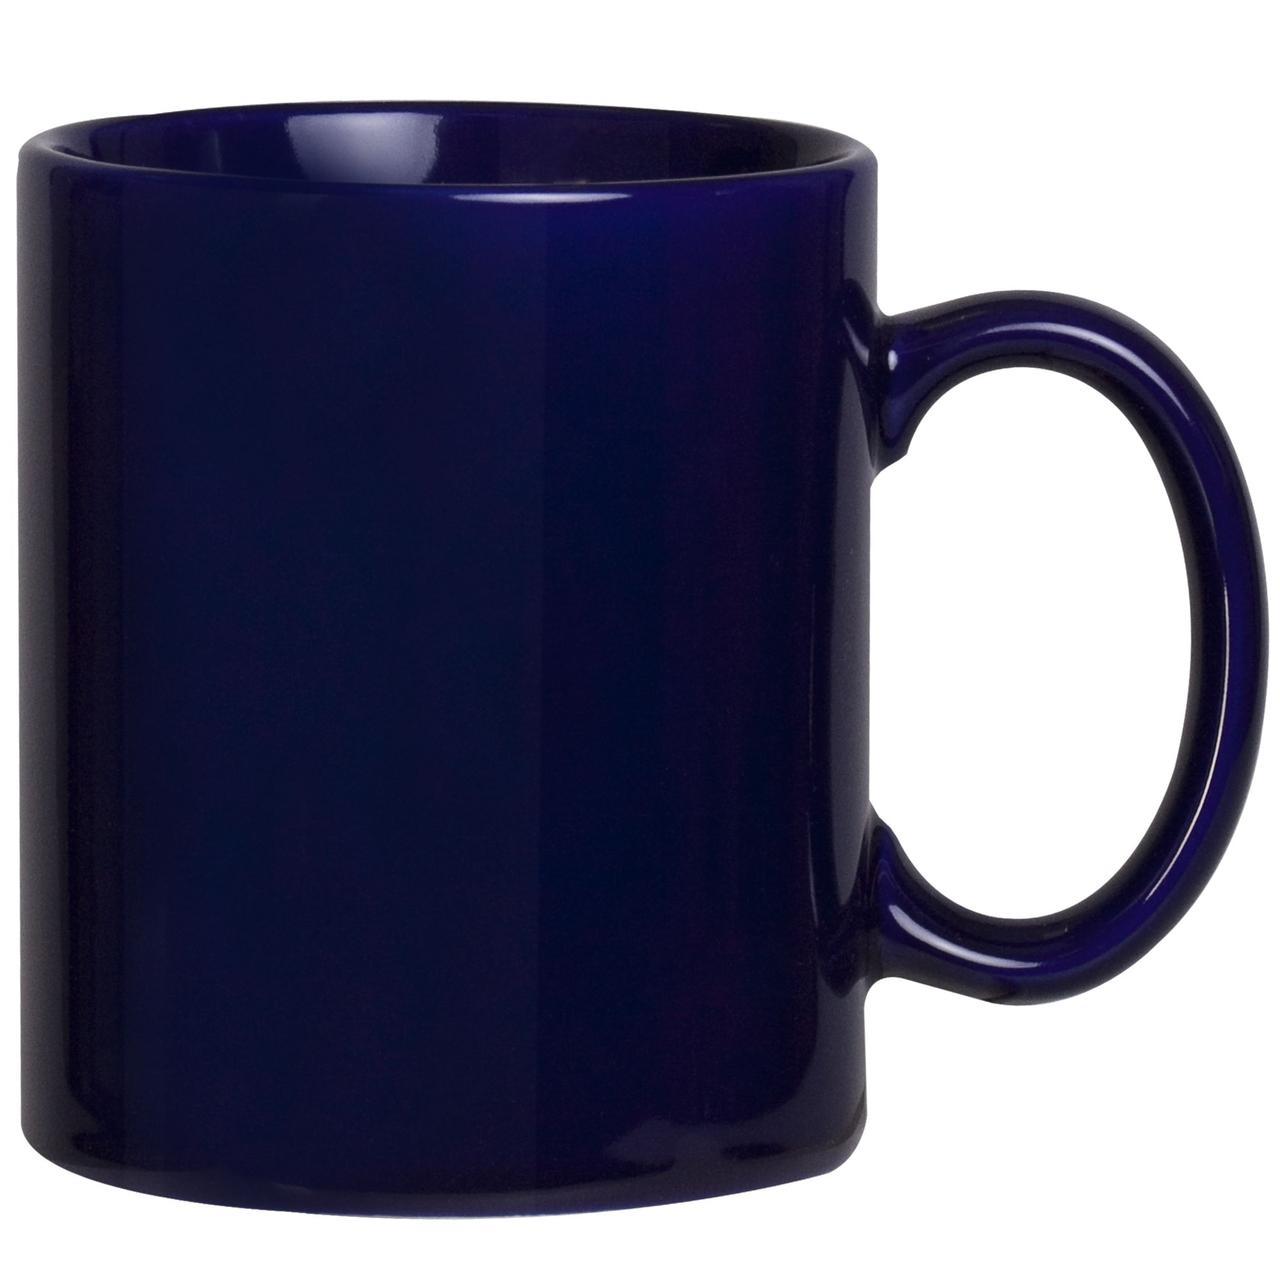 Кружка Promo, темно-синяя (артикул 4534.40)